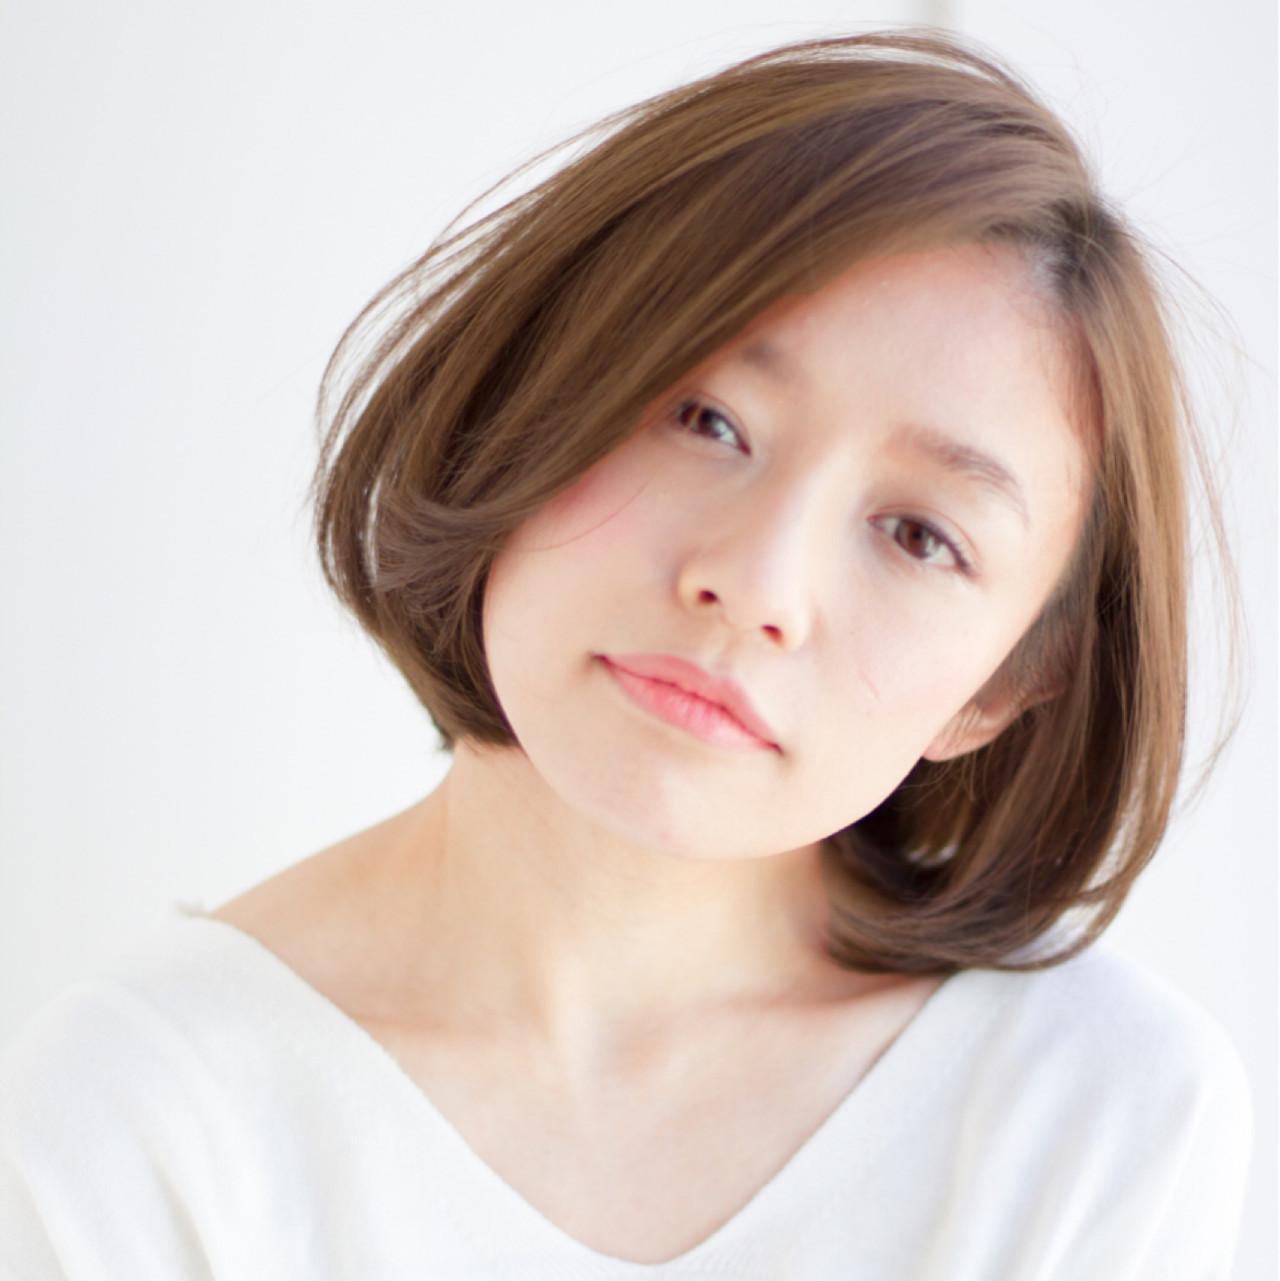 水原希子ちゃん風♡前下がりショートボブ 東 純平 | Ramie omotesando